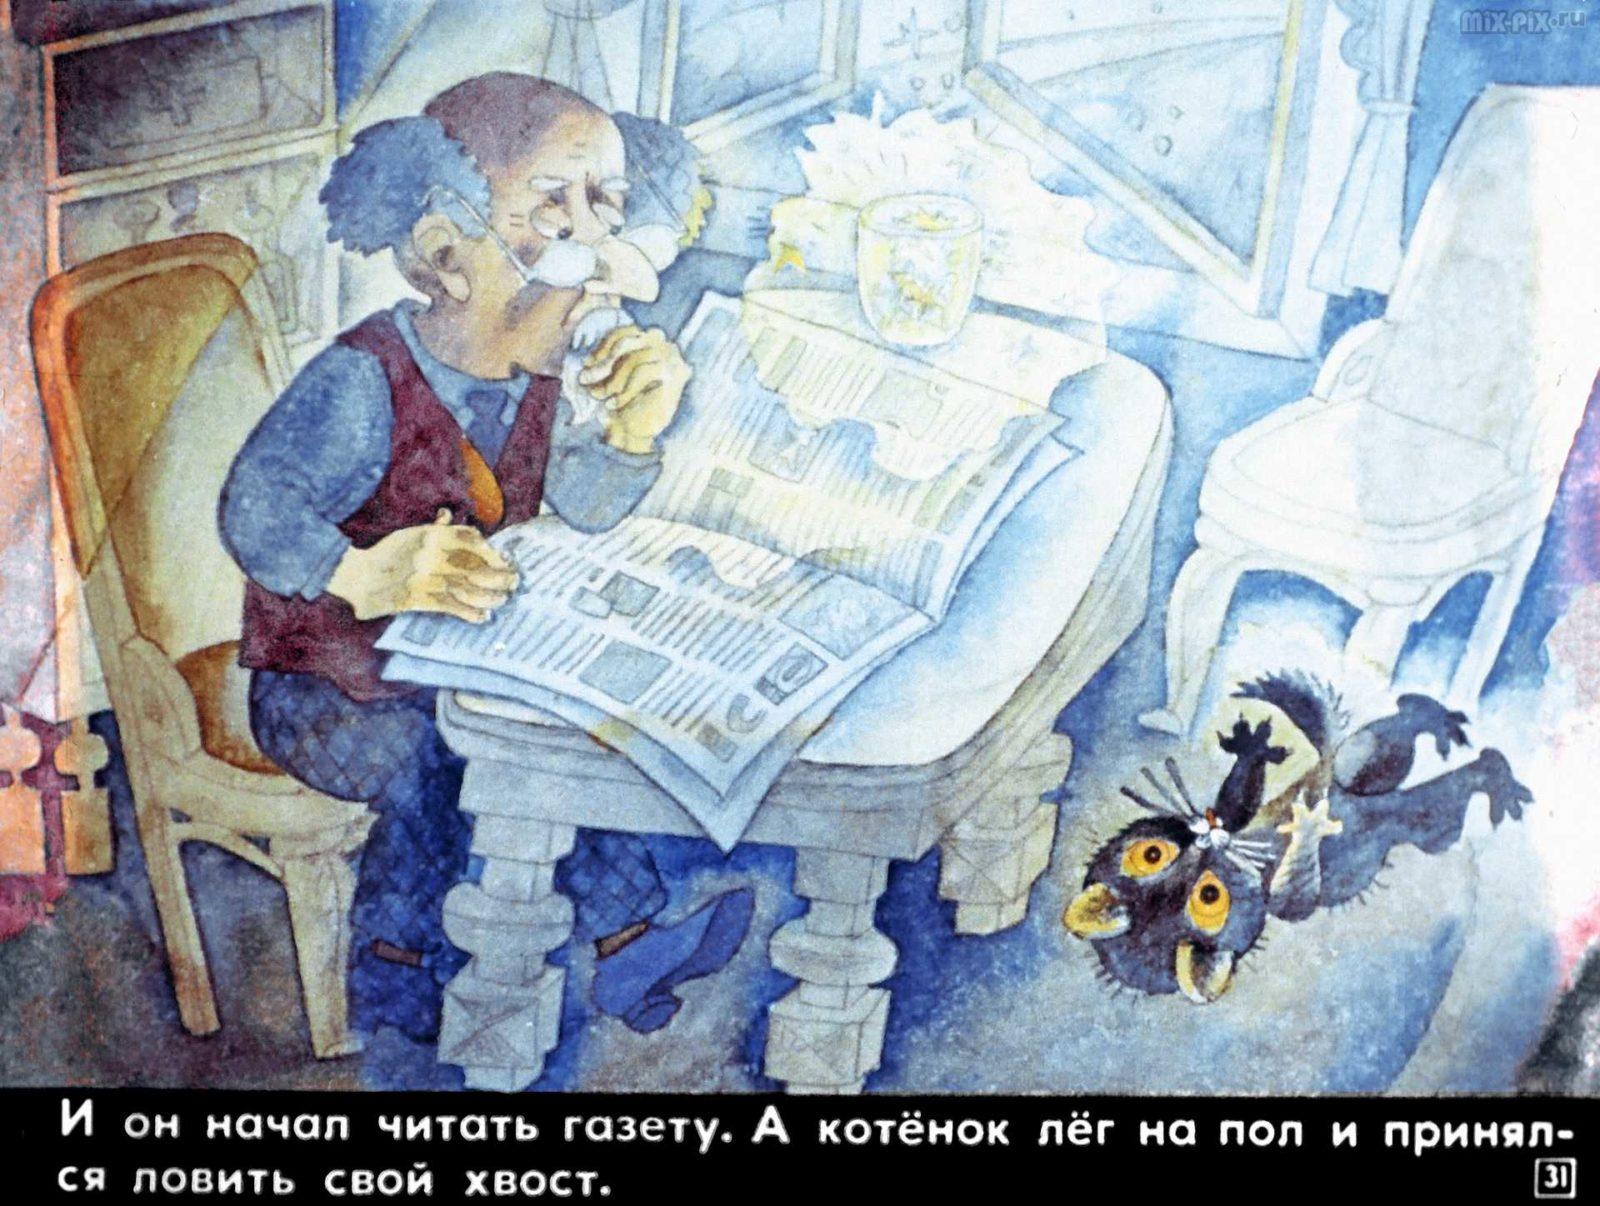 Сказка про лунный свет (1991) 44